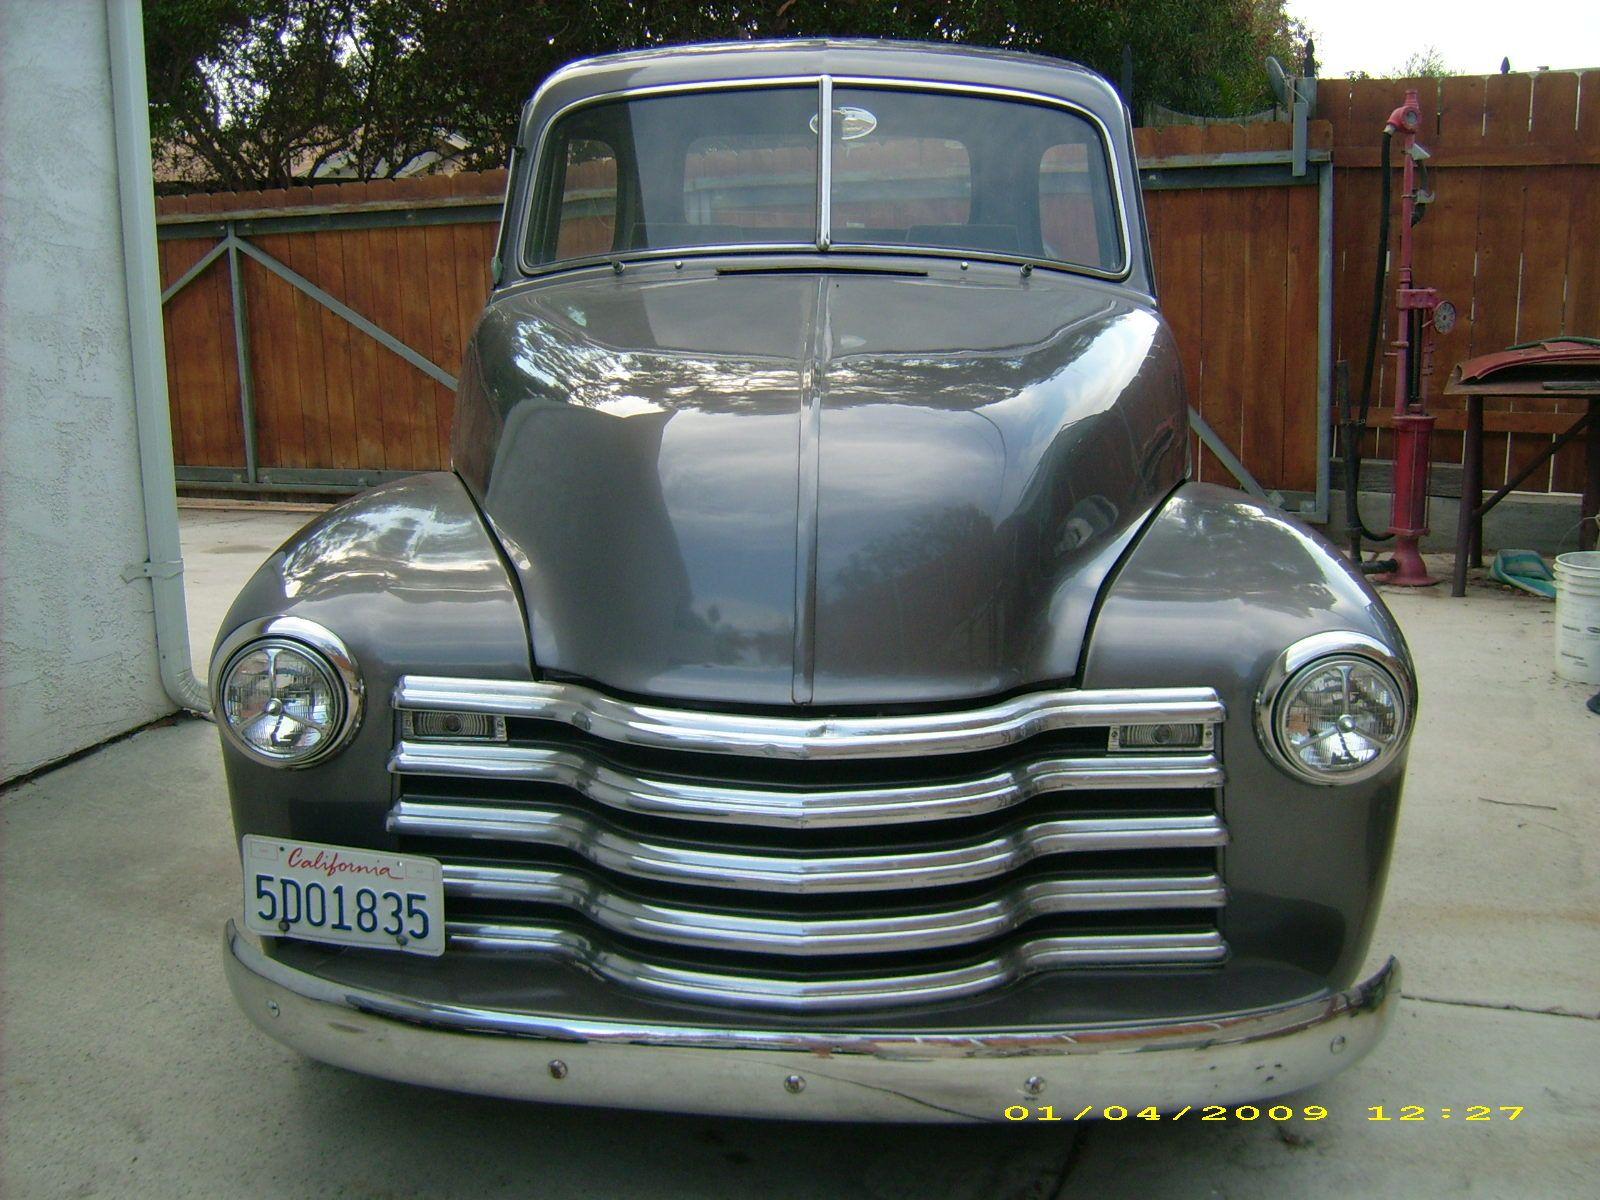 us cars amerikanische autoteile us ersatzteile fur alle us fahrzeuge oldtimer us cars. Black Bedroom Furniture Sets. Home Design Ideas